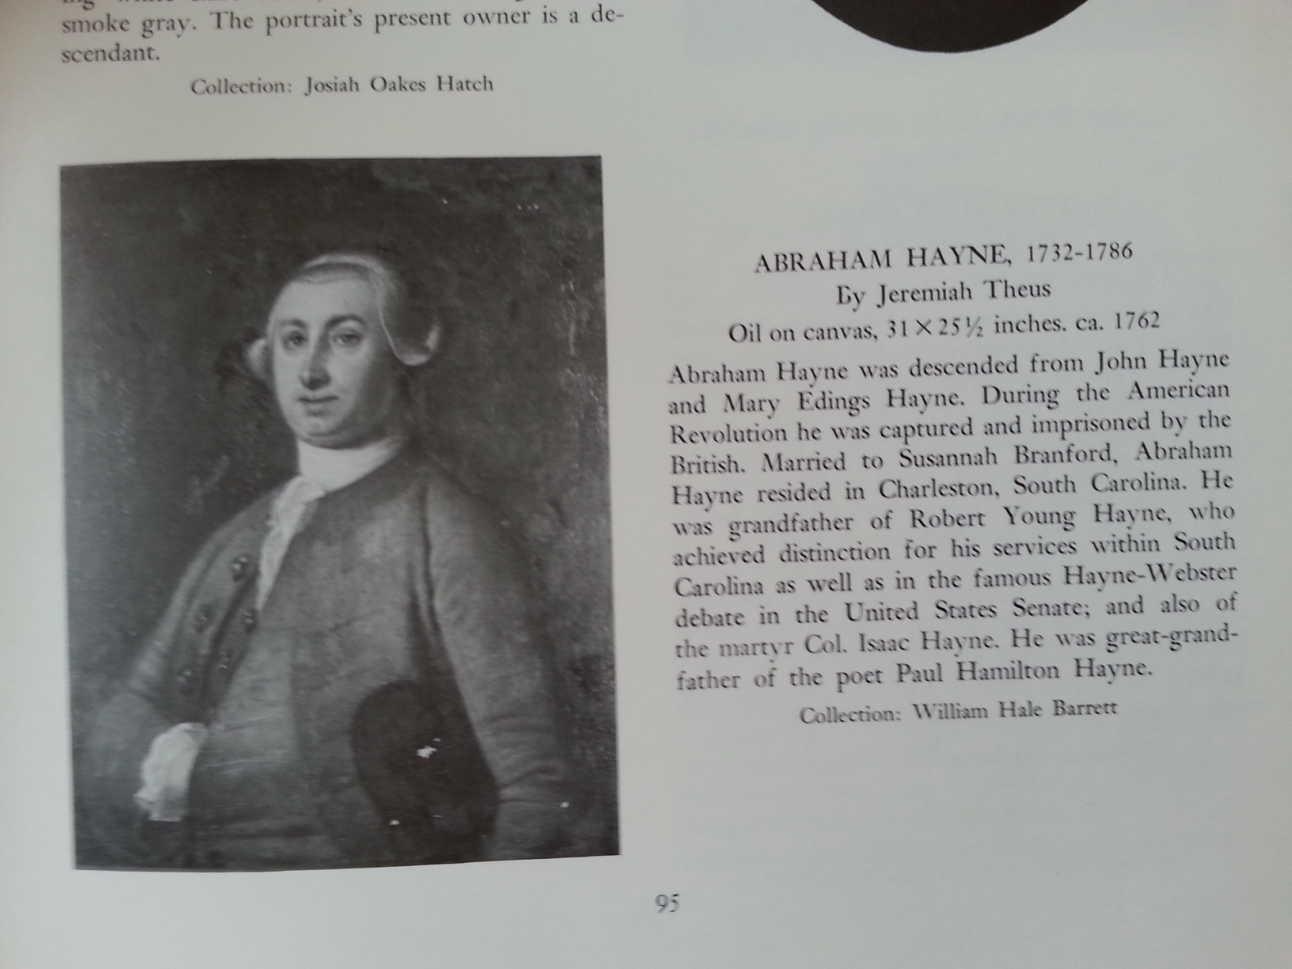 Abraham Hayne 1732-1786